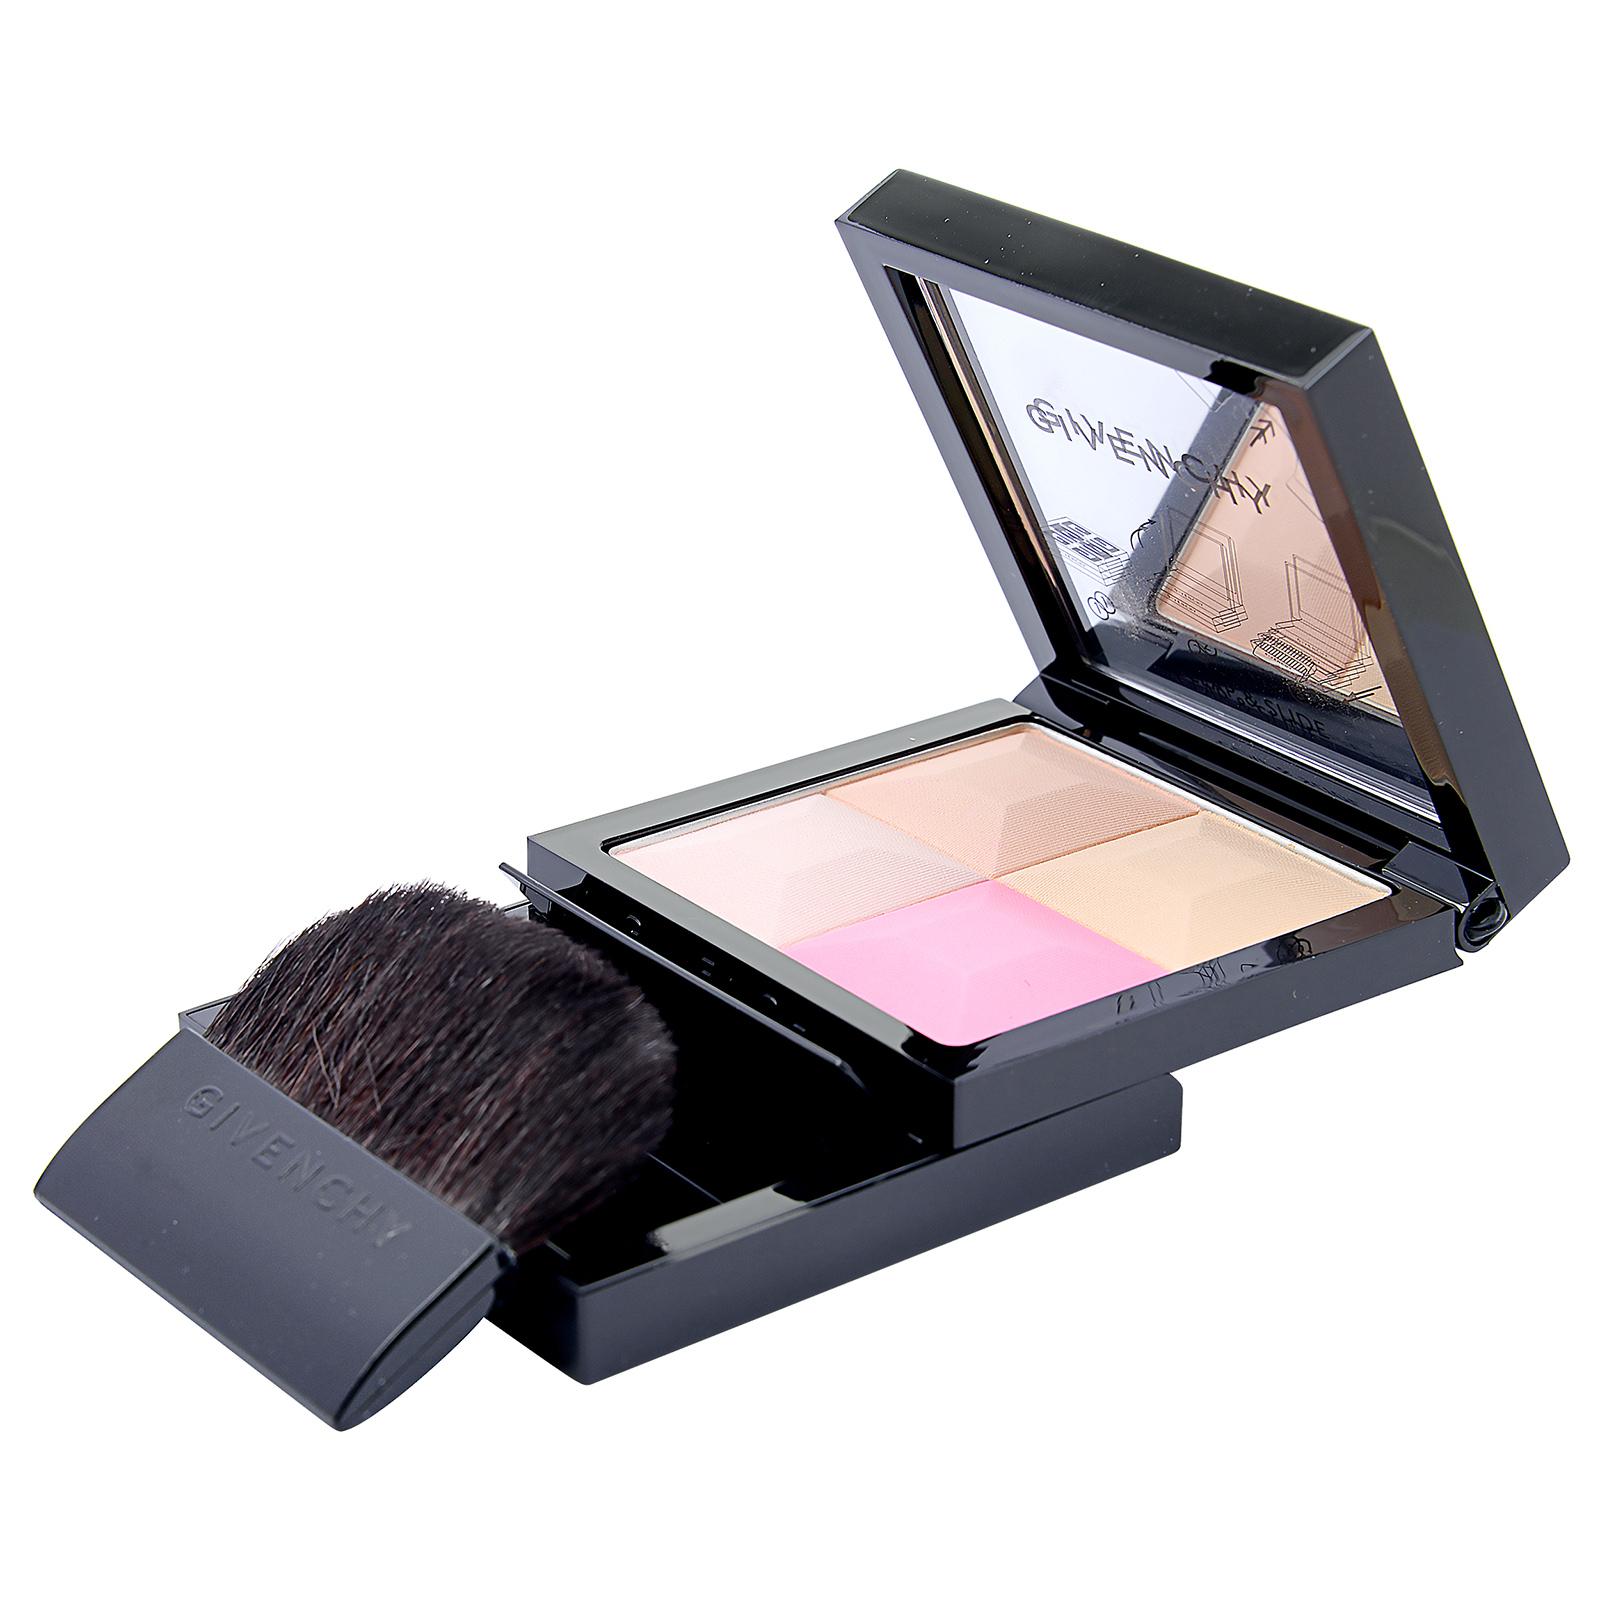 Givenchy Le Prisme Visage Mat Soft Compact Face Powder 87 Pink Velvet, 0.38oz, 11g